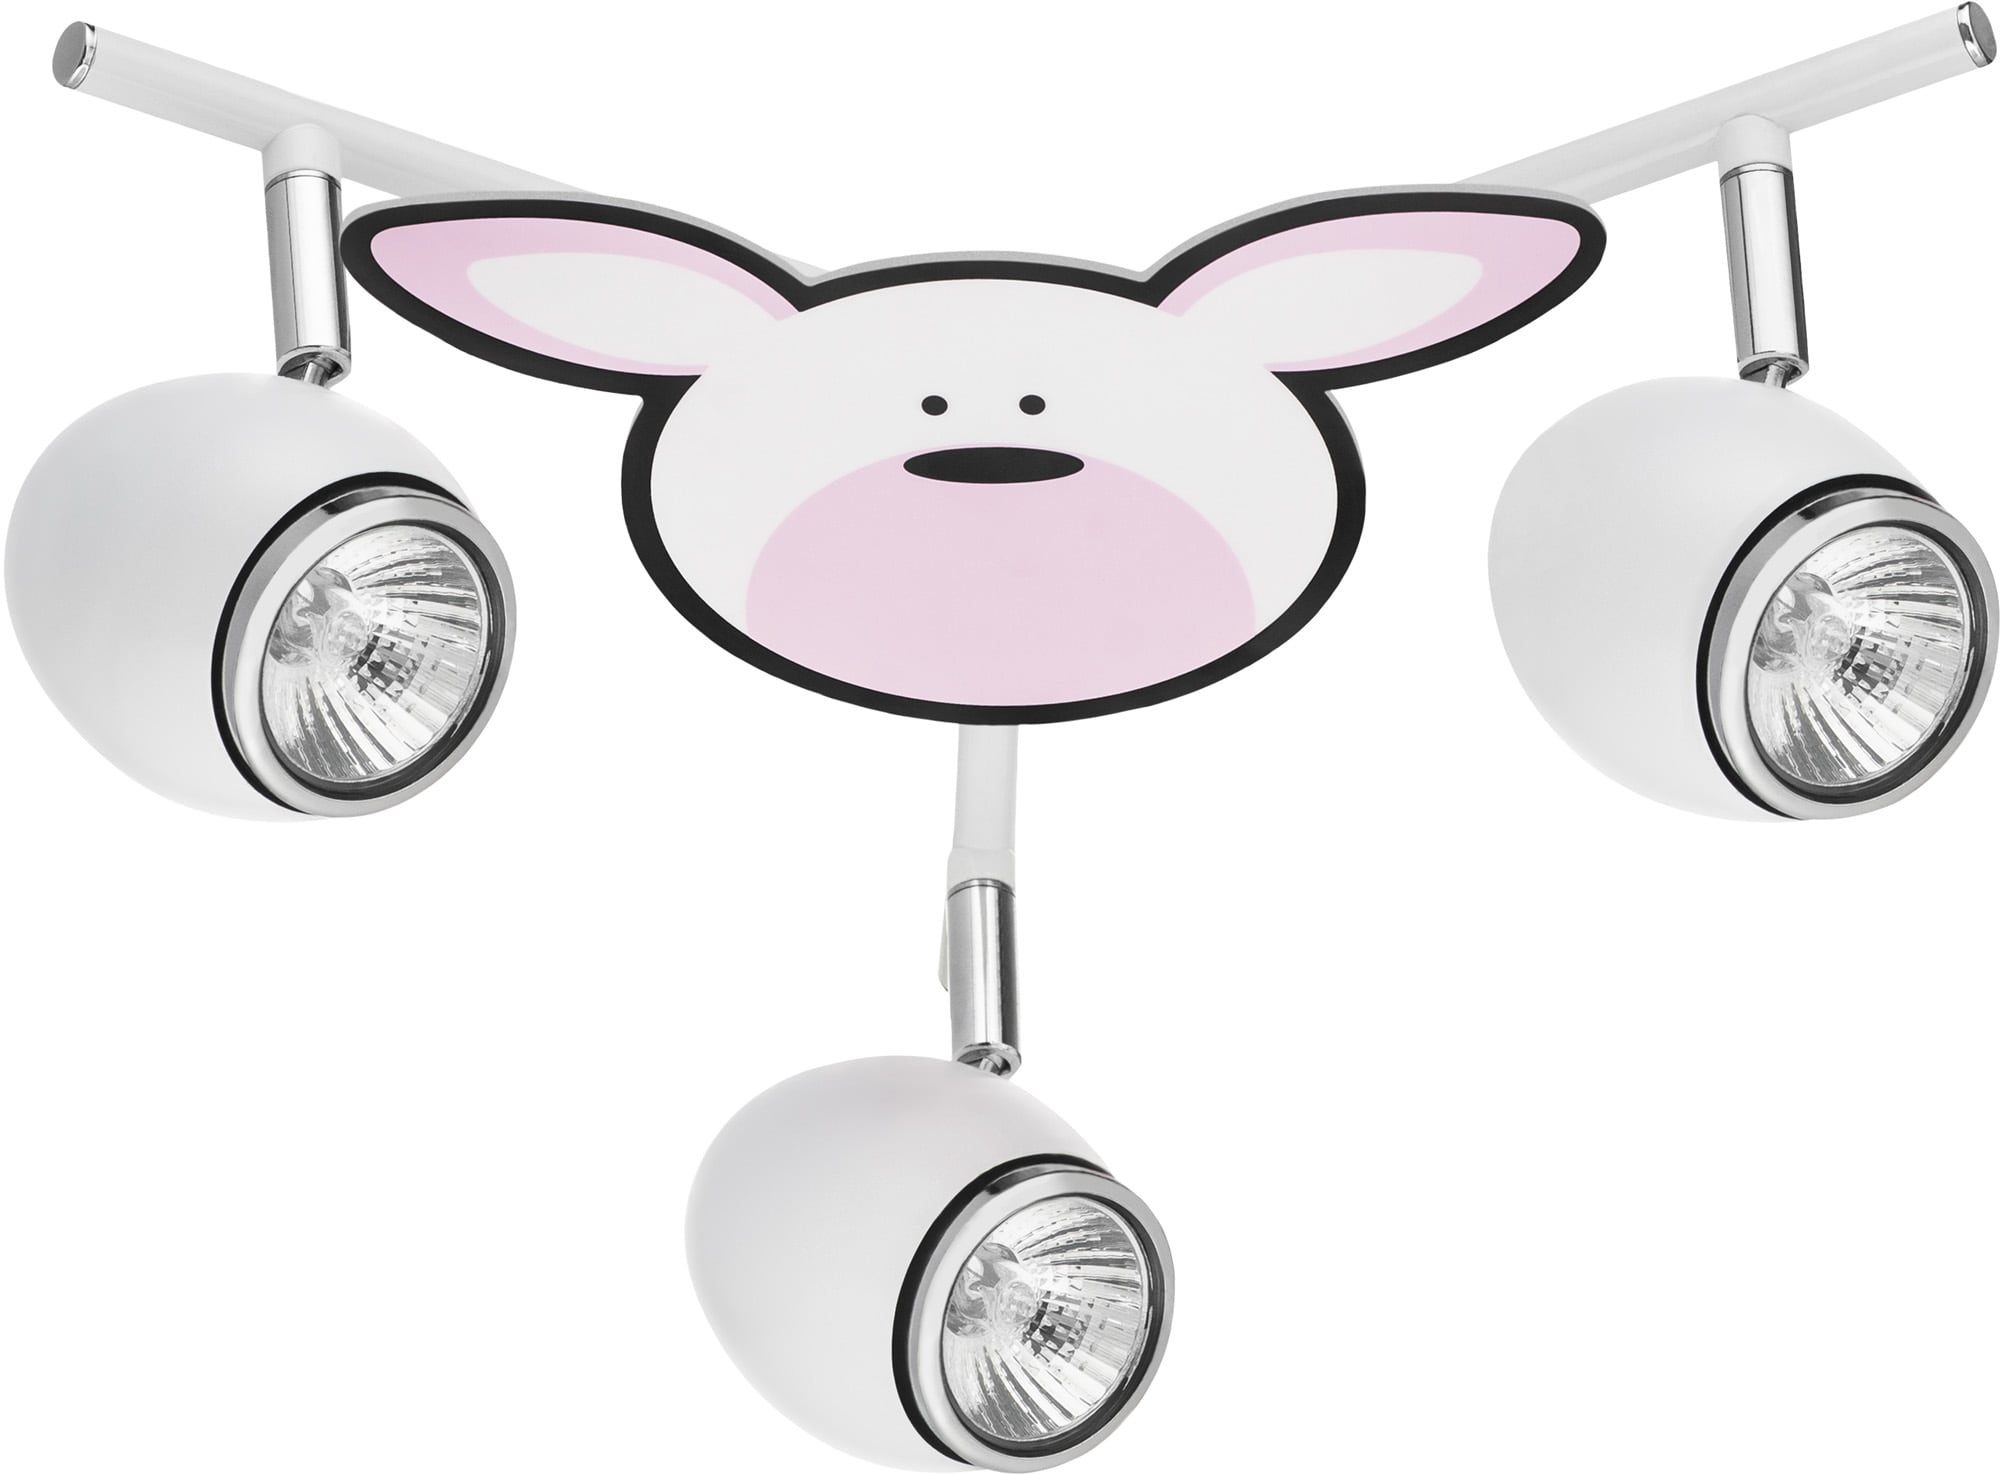 Lampa dla dziecka Królik - Rubby biały/ chrom LED GU10 3x4,5W